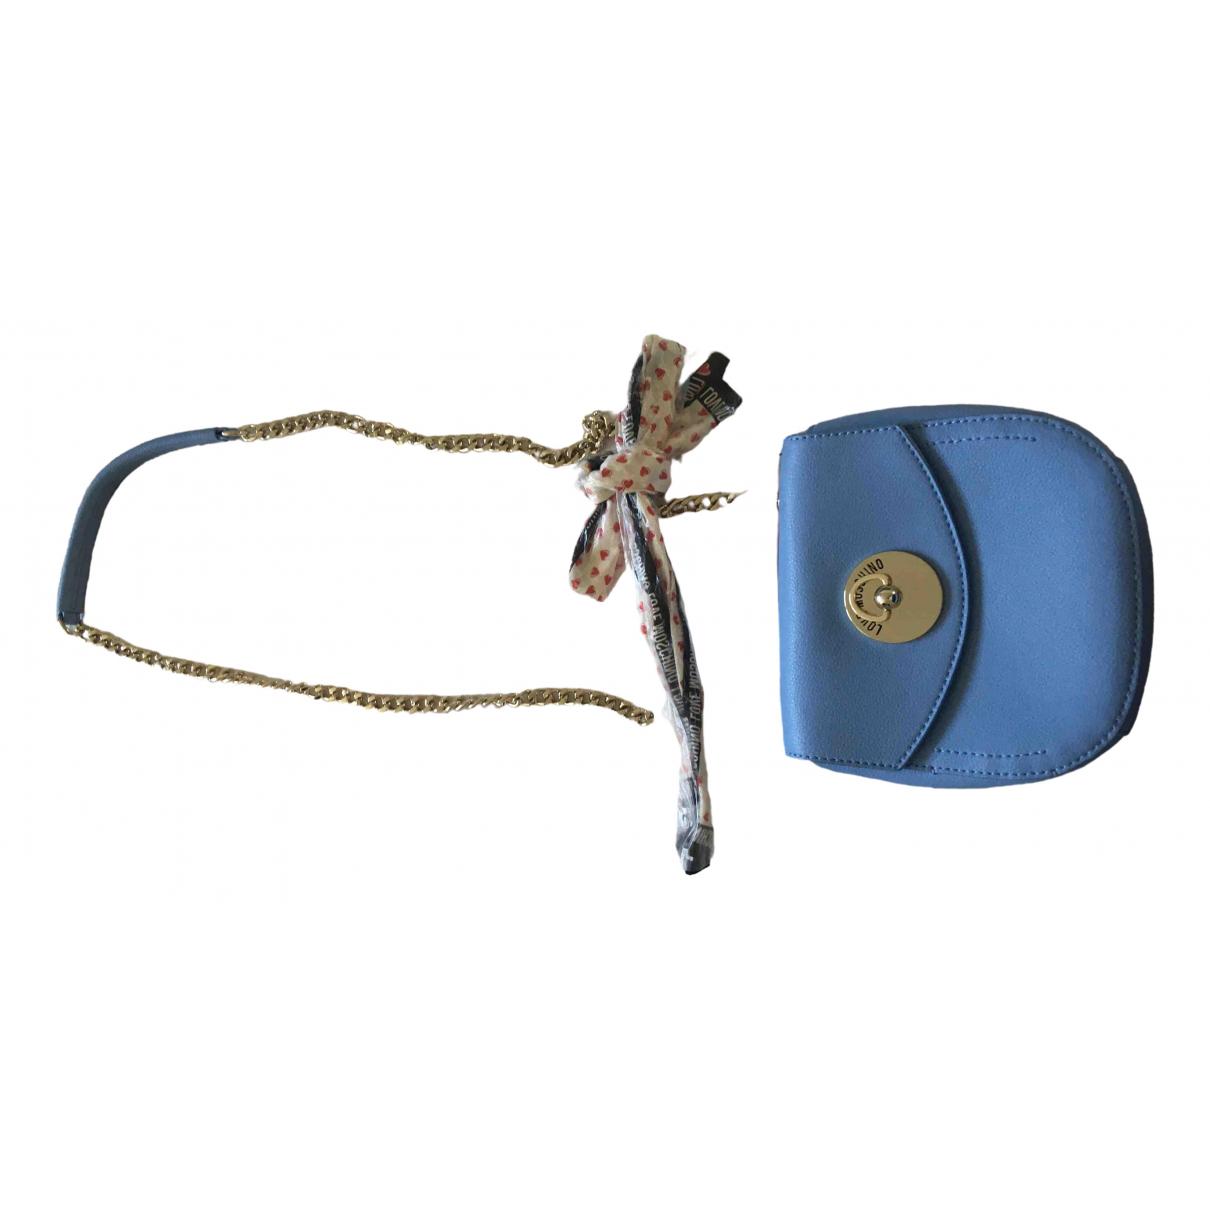 Bolsos clutch en Sintetico Azul Moschino Love